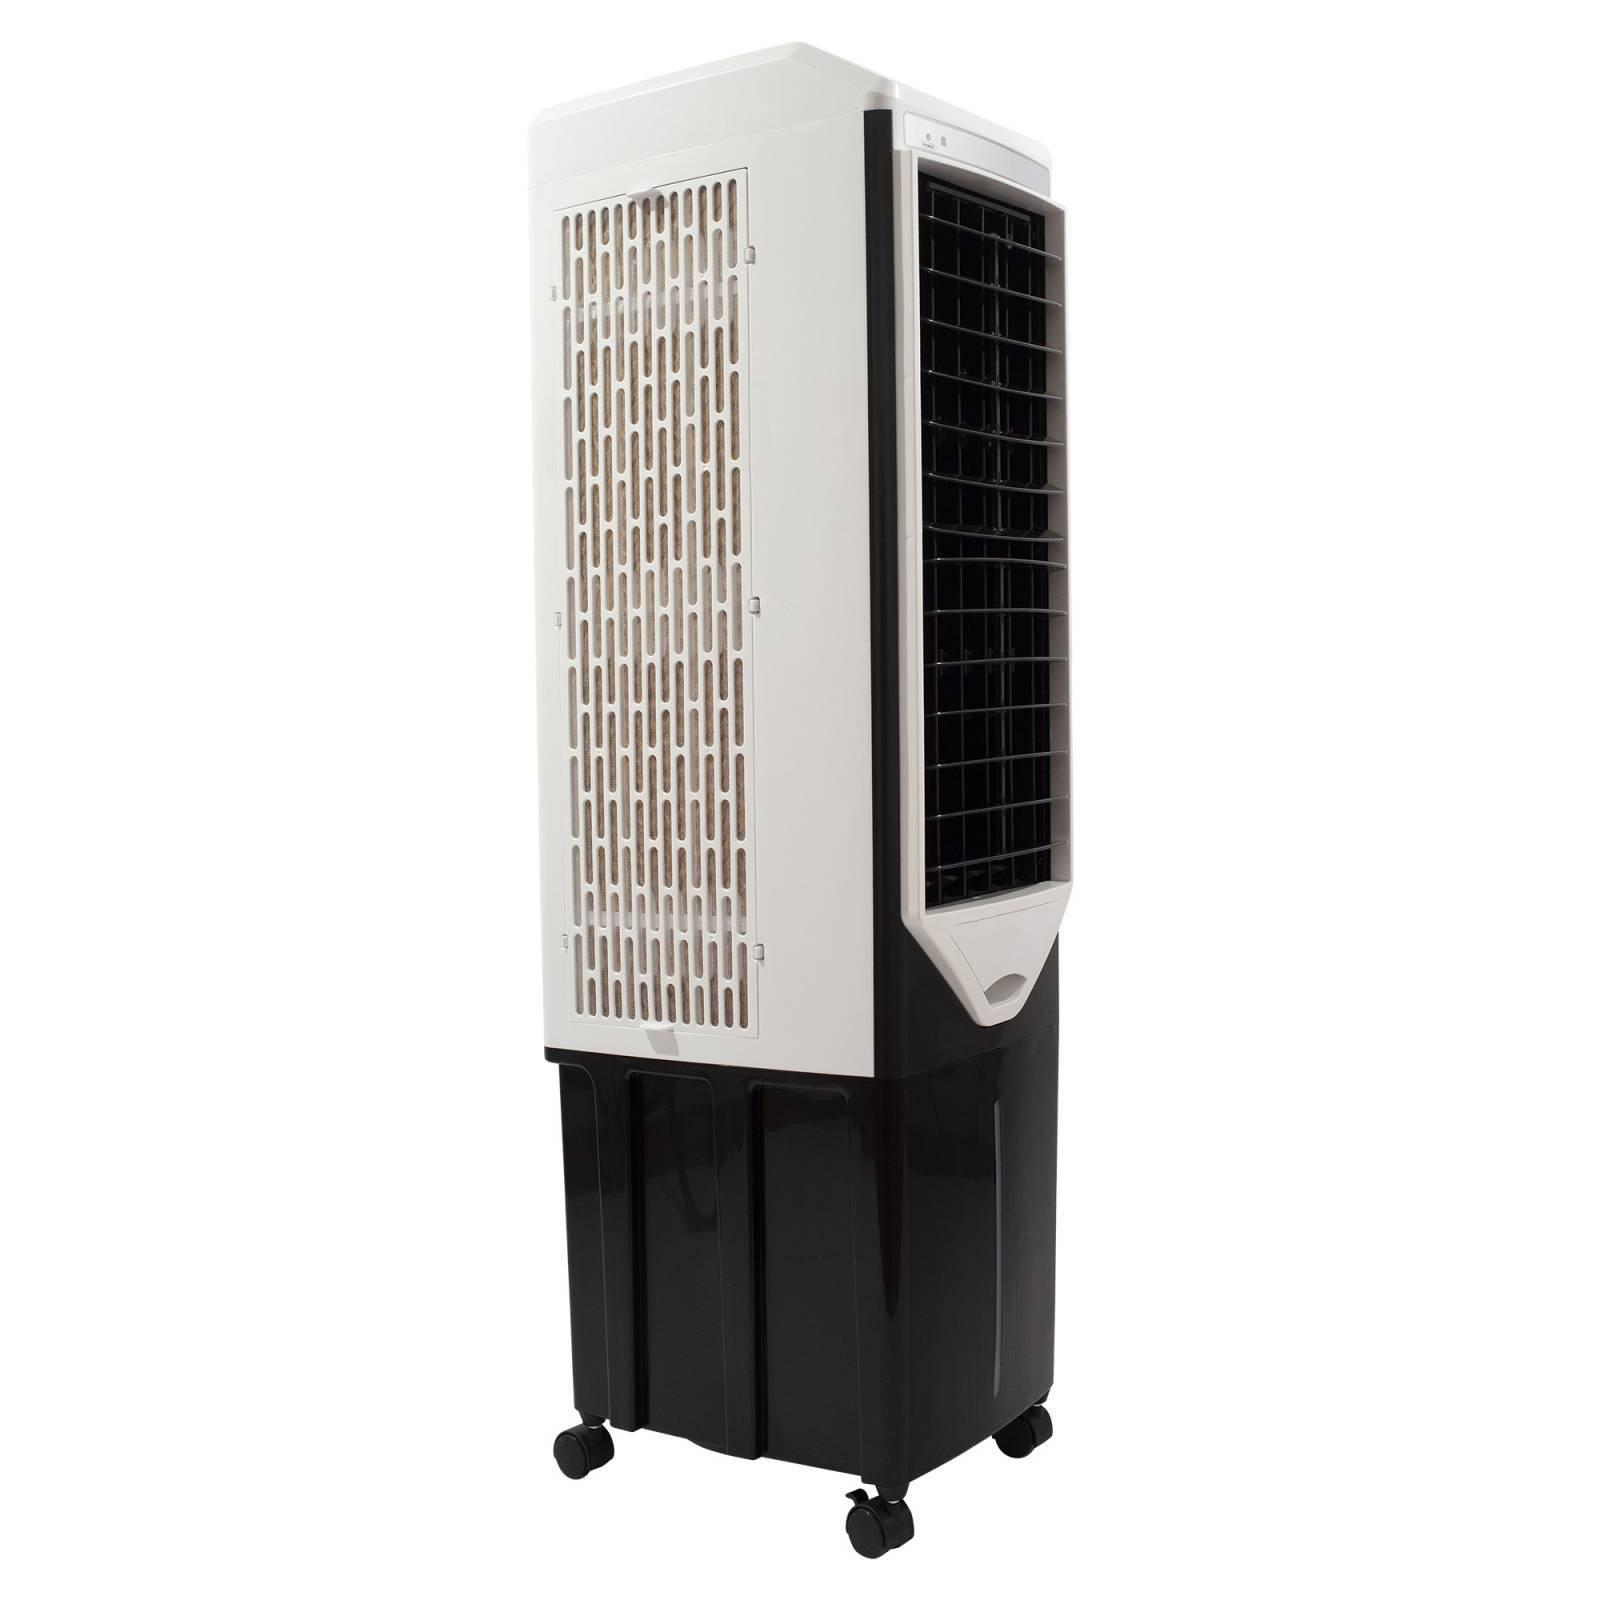 Climatizador de Ar Portátil Sixxis SX045A 32 Litros Residenc - LCGELETRO